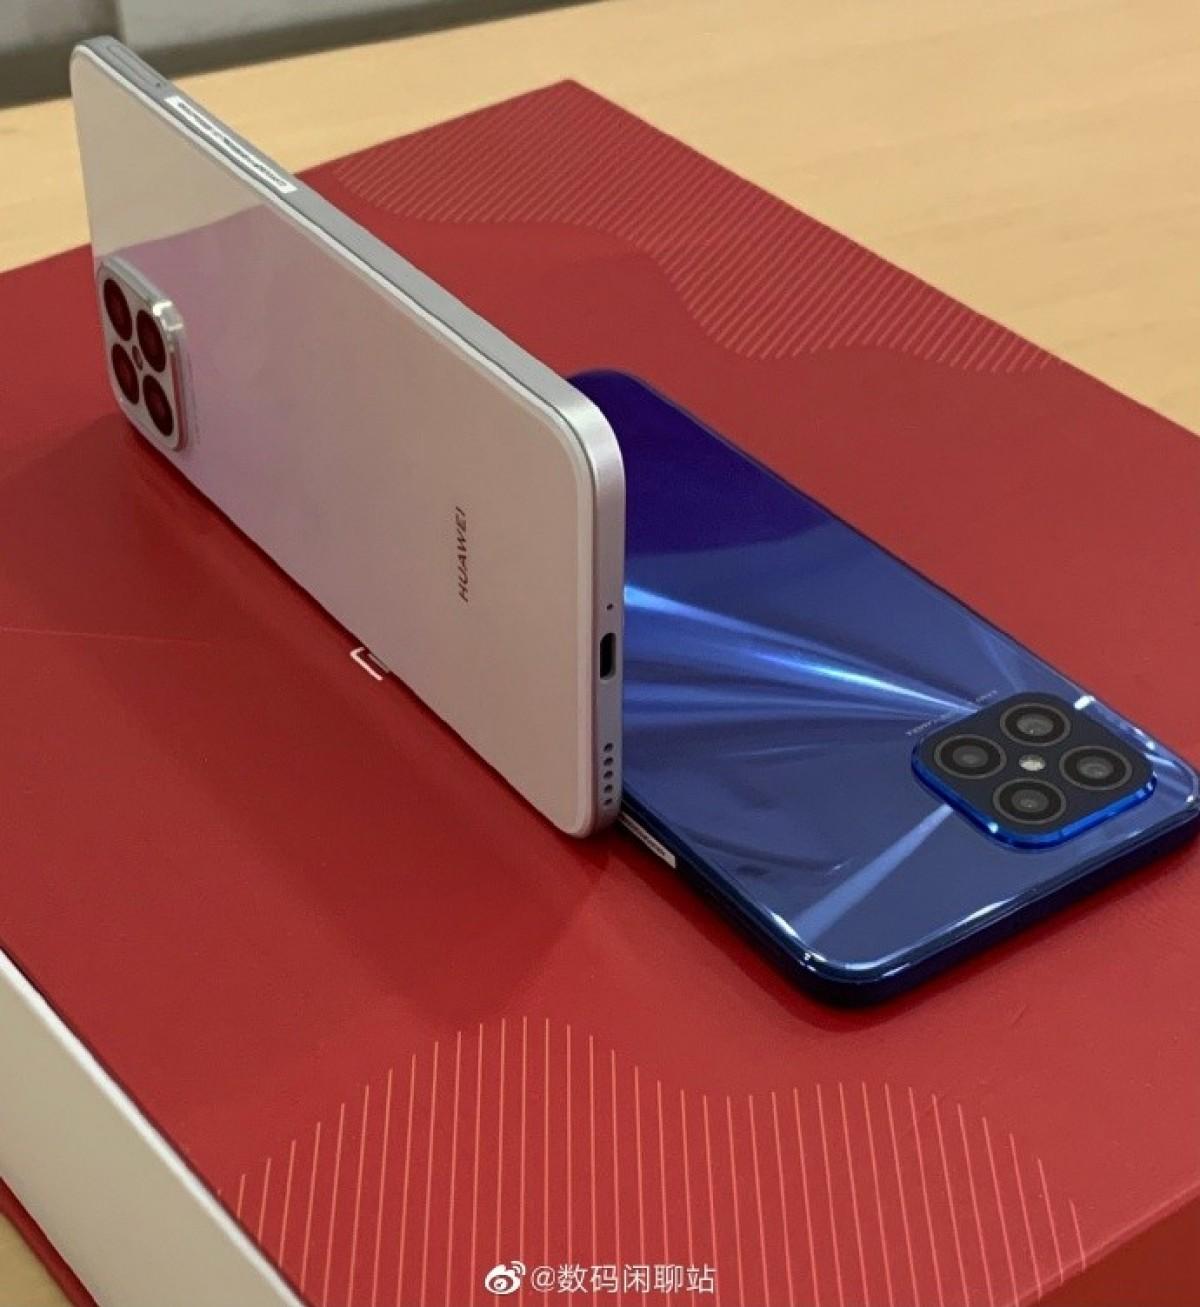 Huawei's nova 8 SE looks just like the iPhone 12, live photos reveal